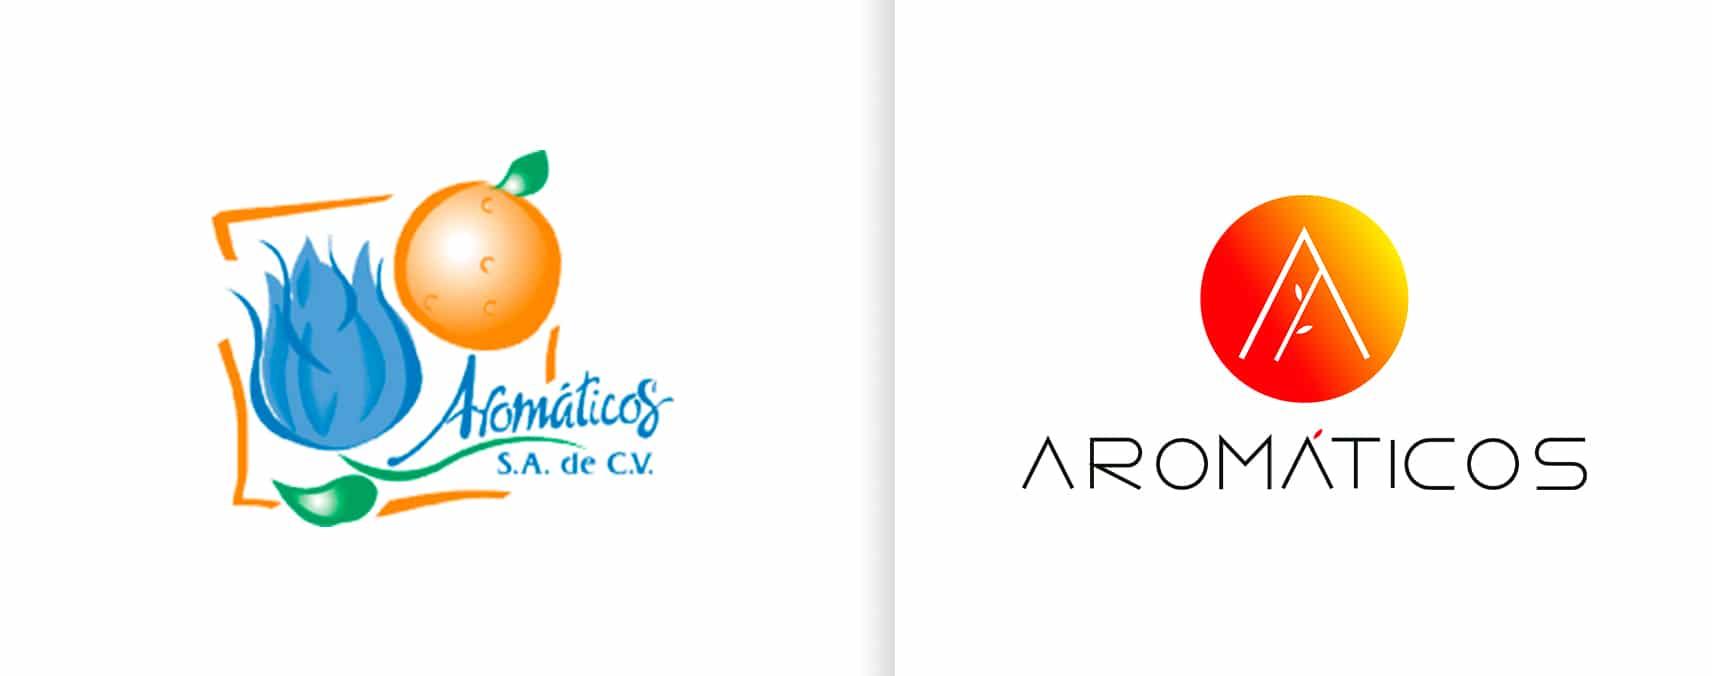 rediseño de logotipo aromaticos fragancias perfume